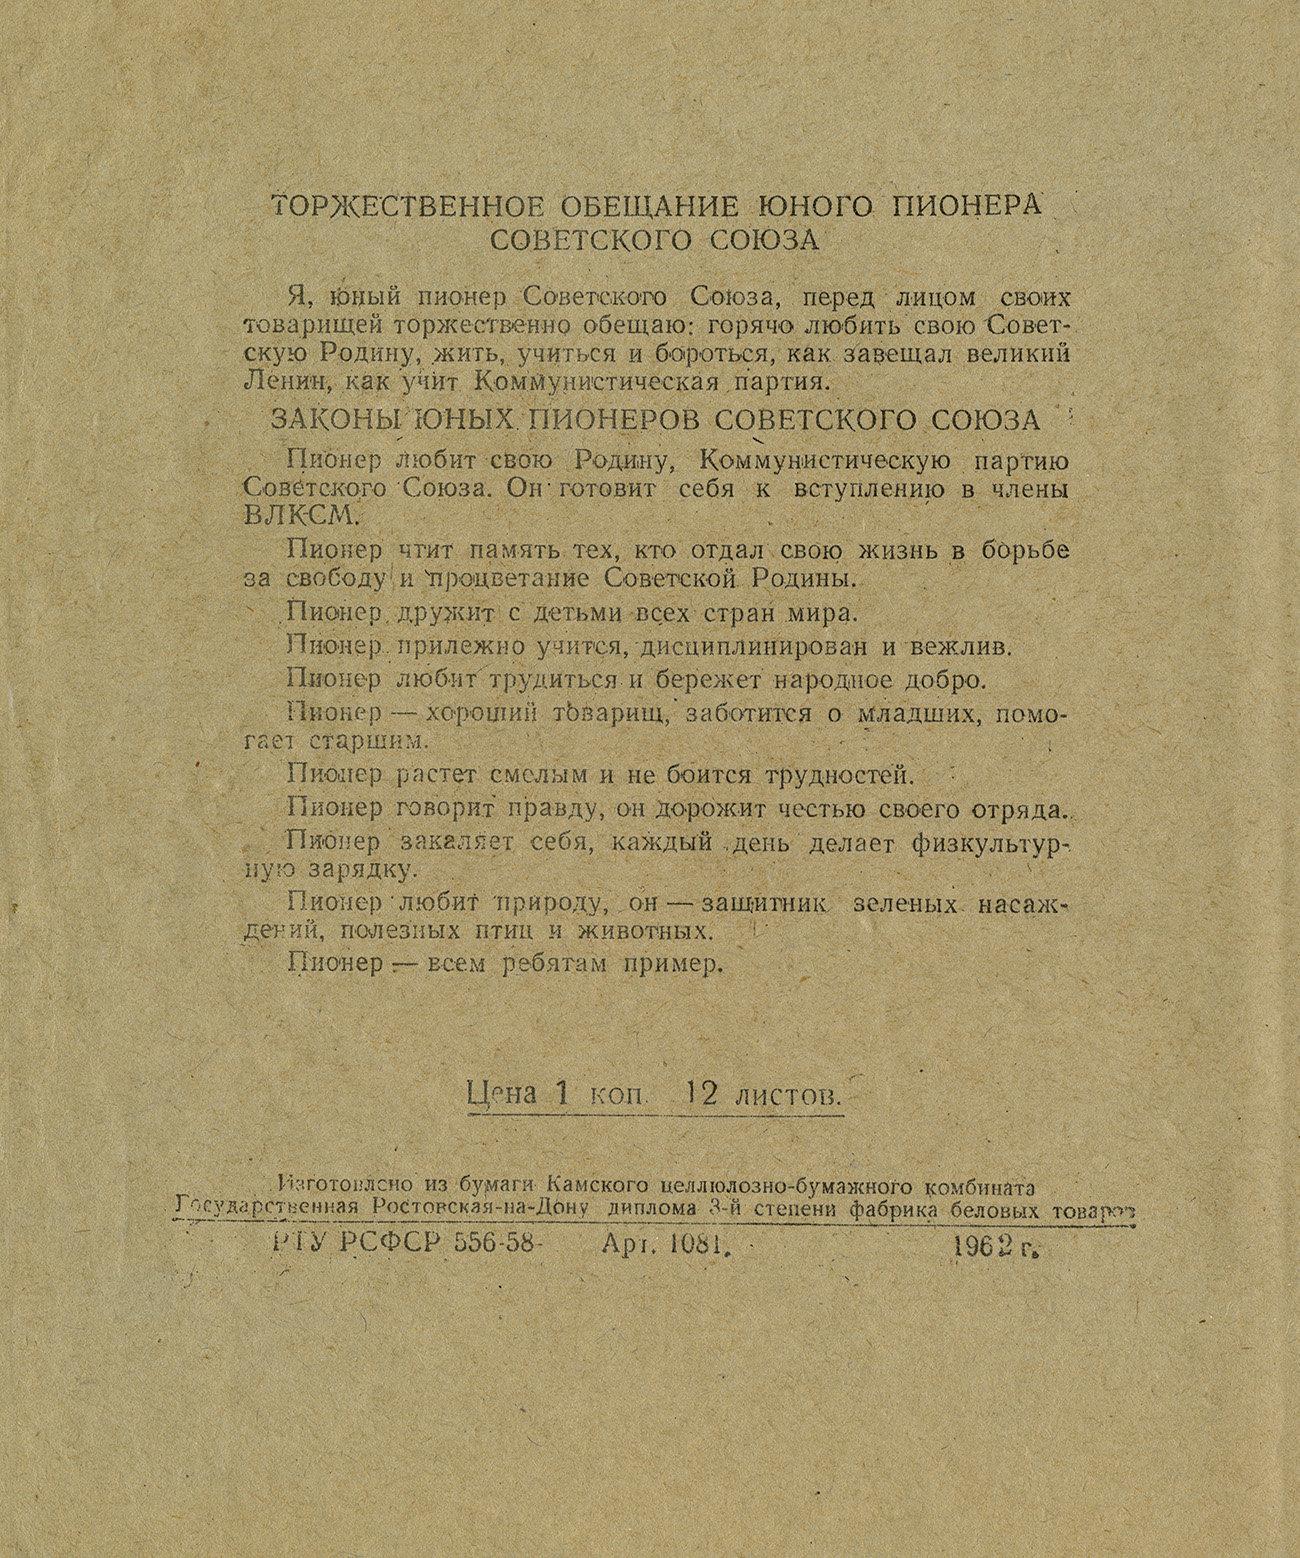 Тетрадь Камский ЦБК, 1962 г., оборот